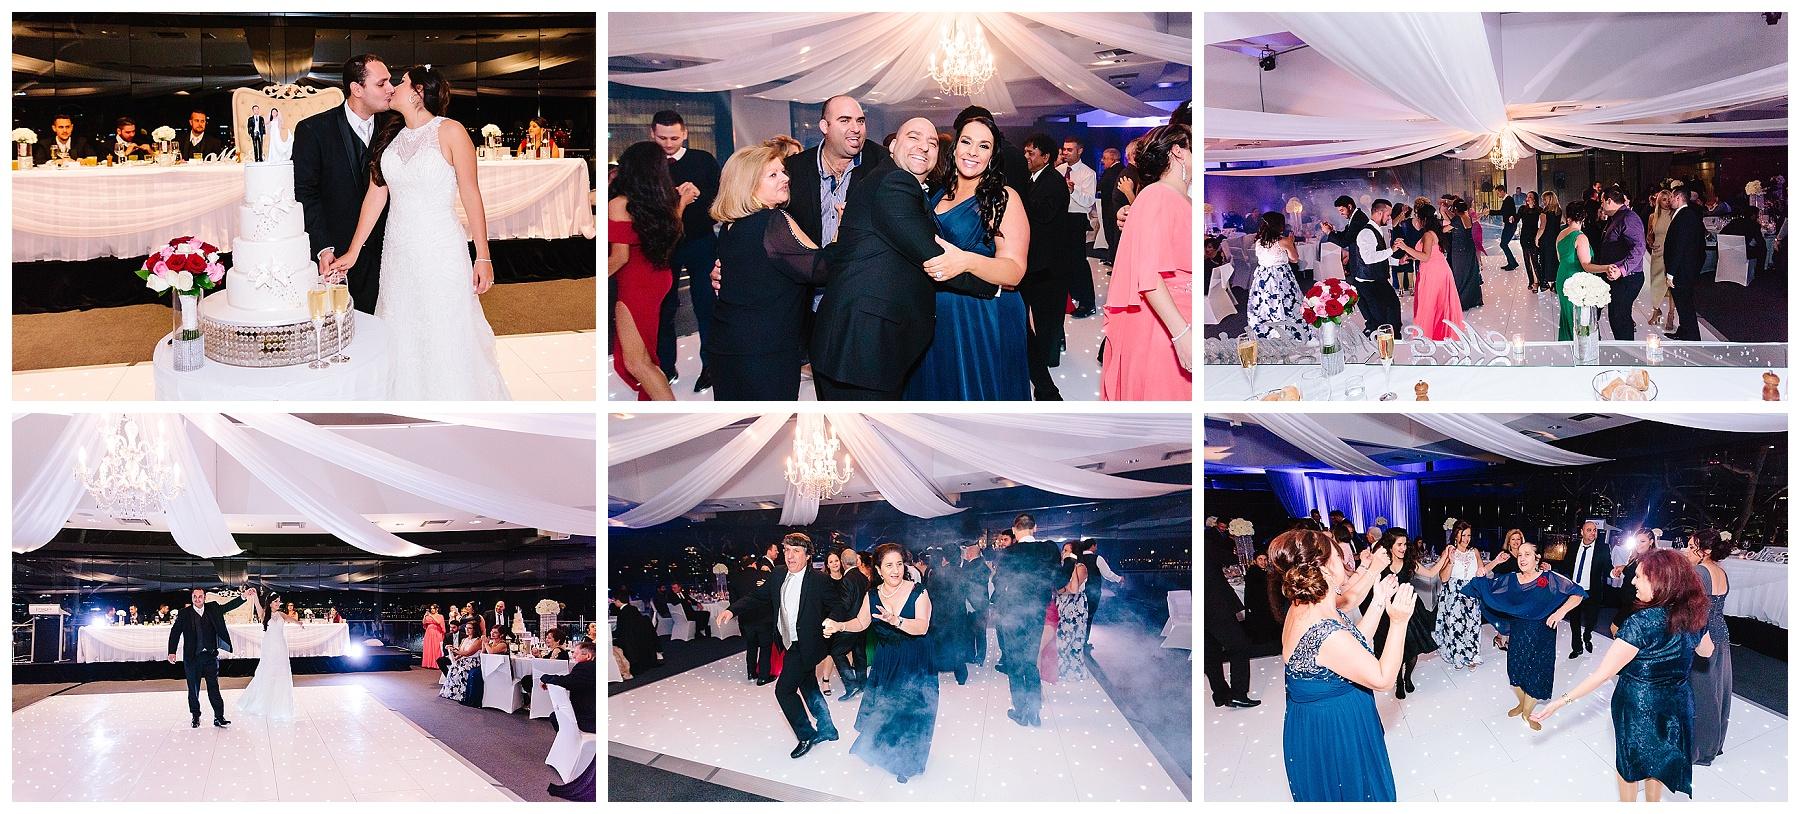 Frasers wedding reception